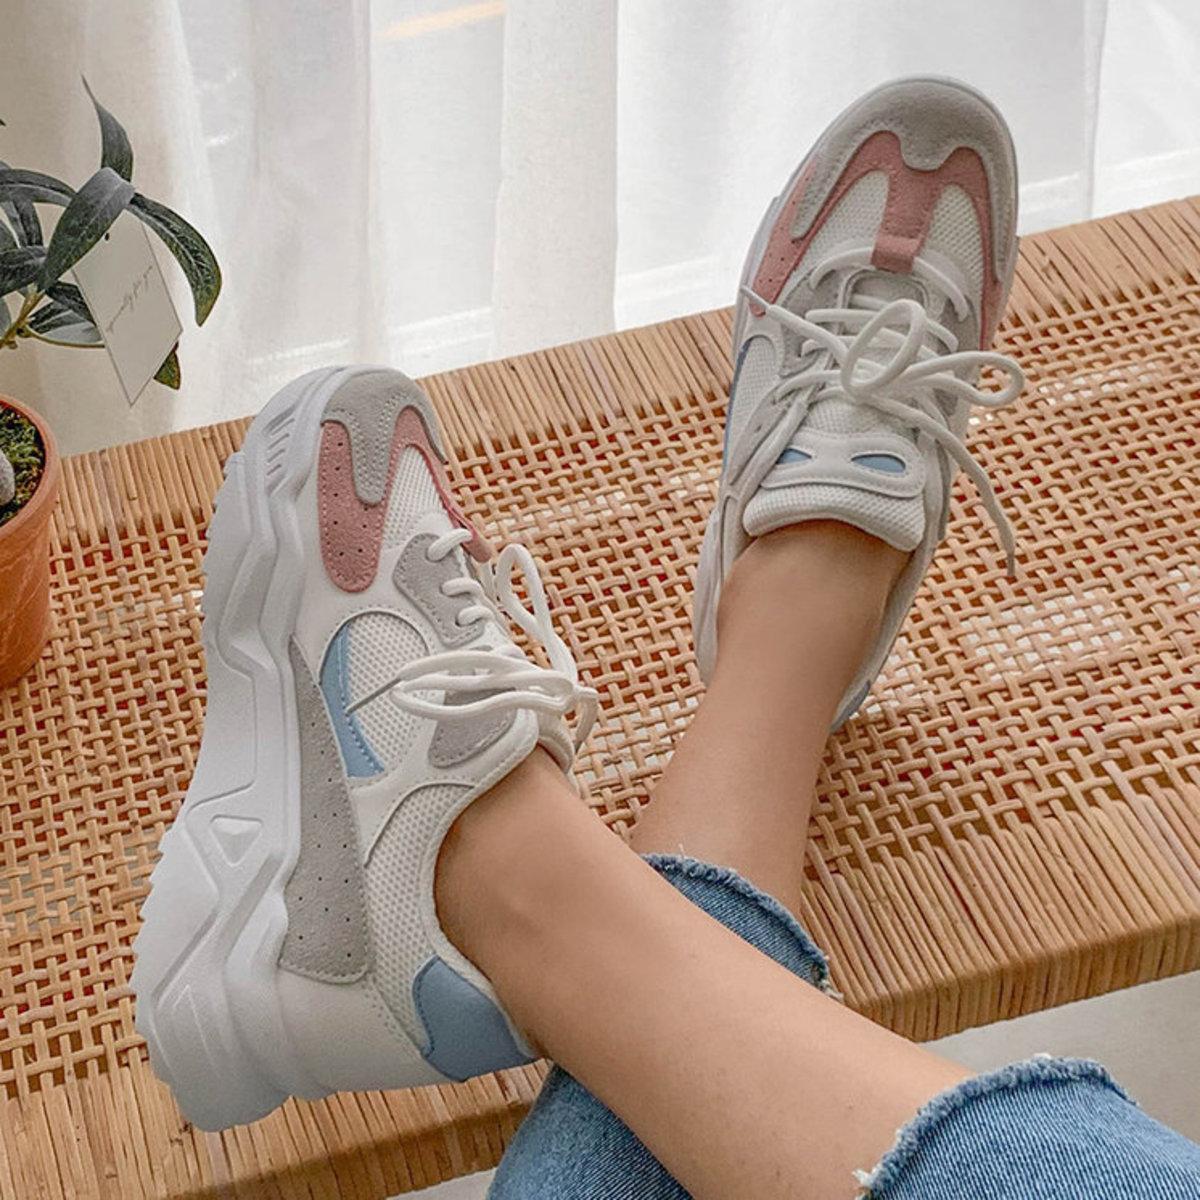 Danner Glee Sneakers